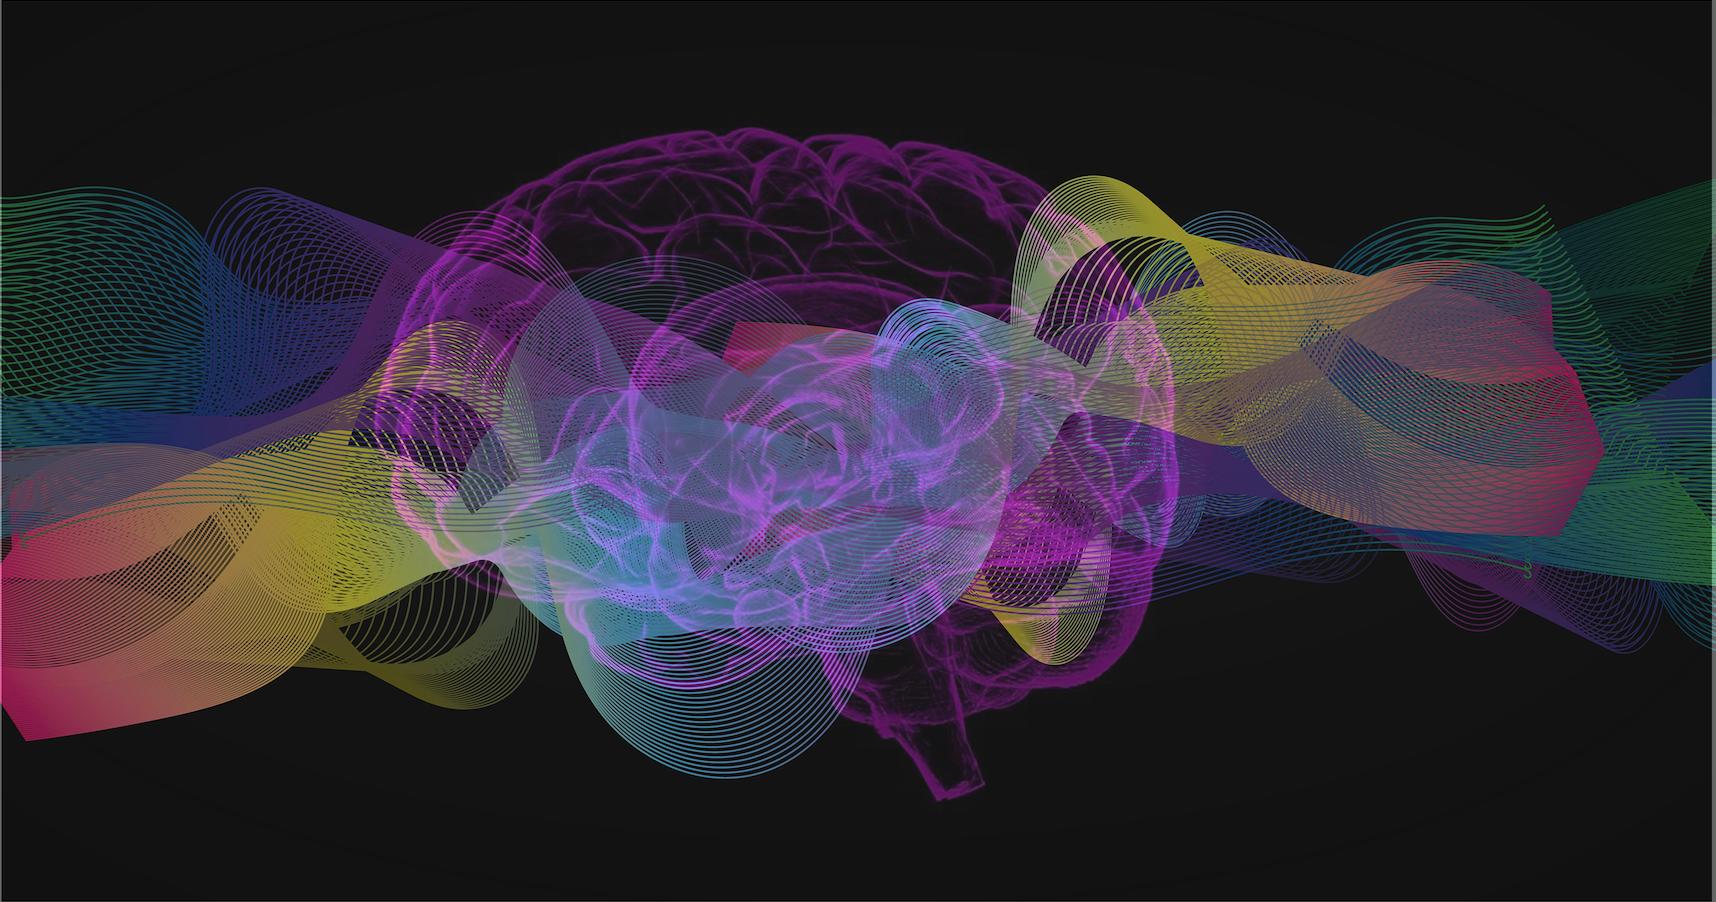 Neurofeedback système Cygnet. Les basses fréquence. Image d'une coupe de cerveau et d'ondes de couleurs sur fond noir